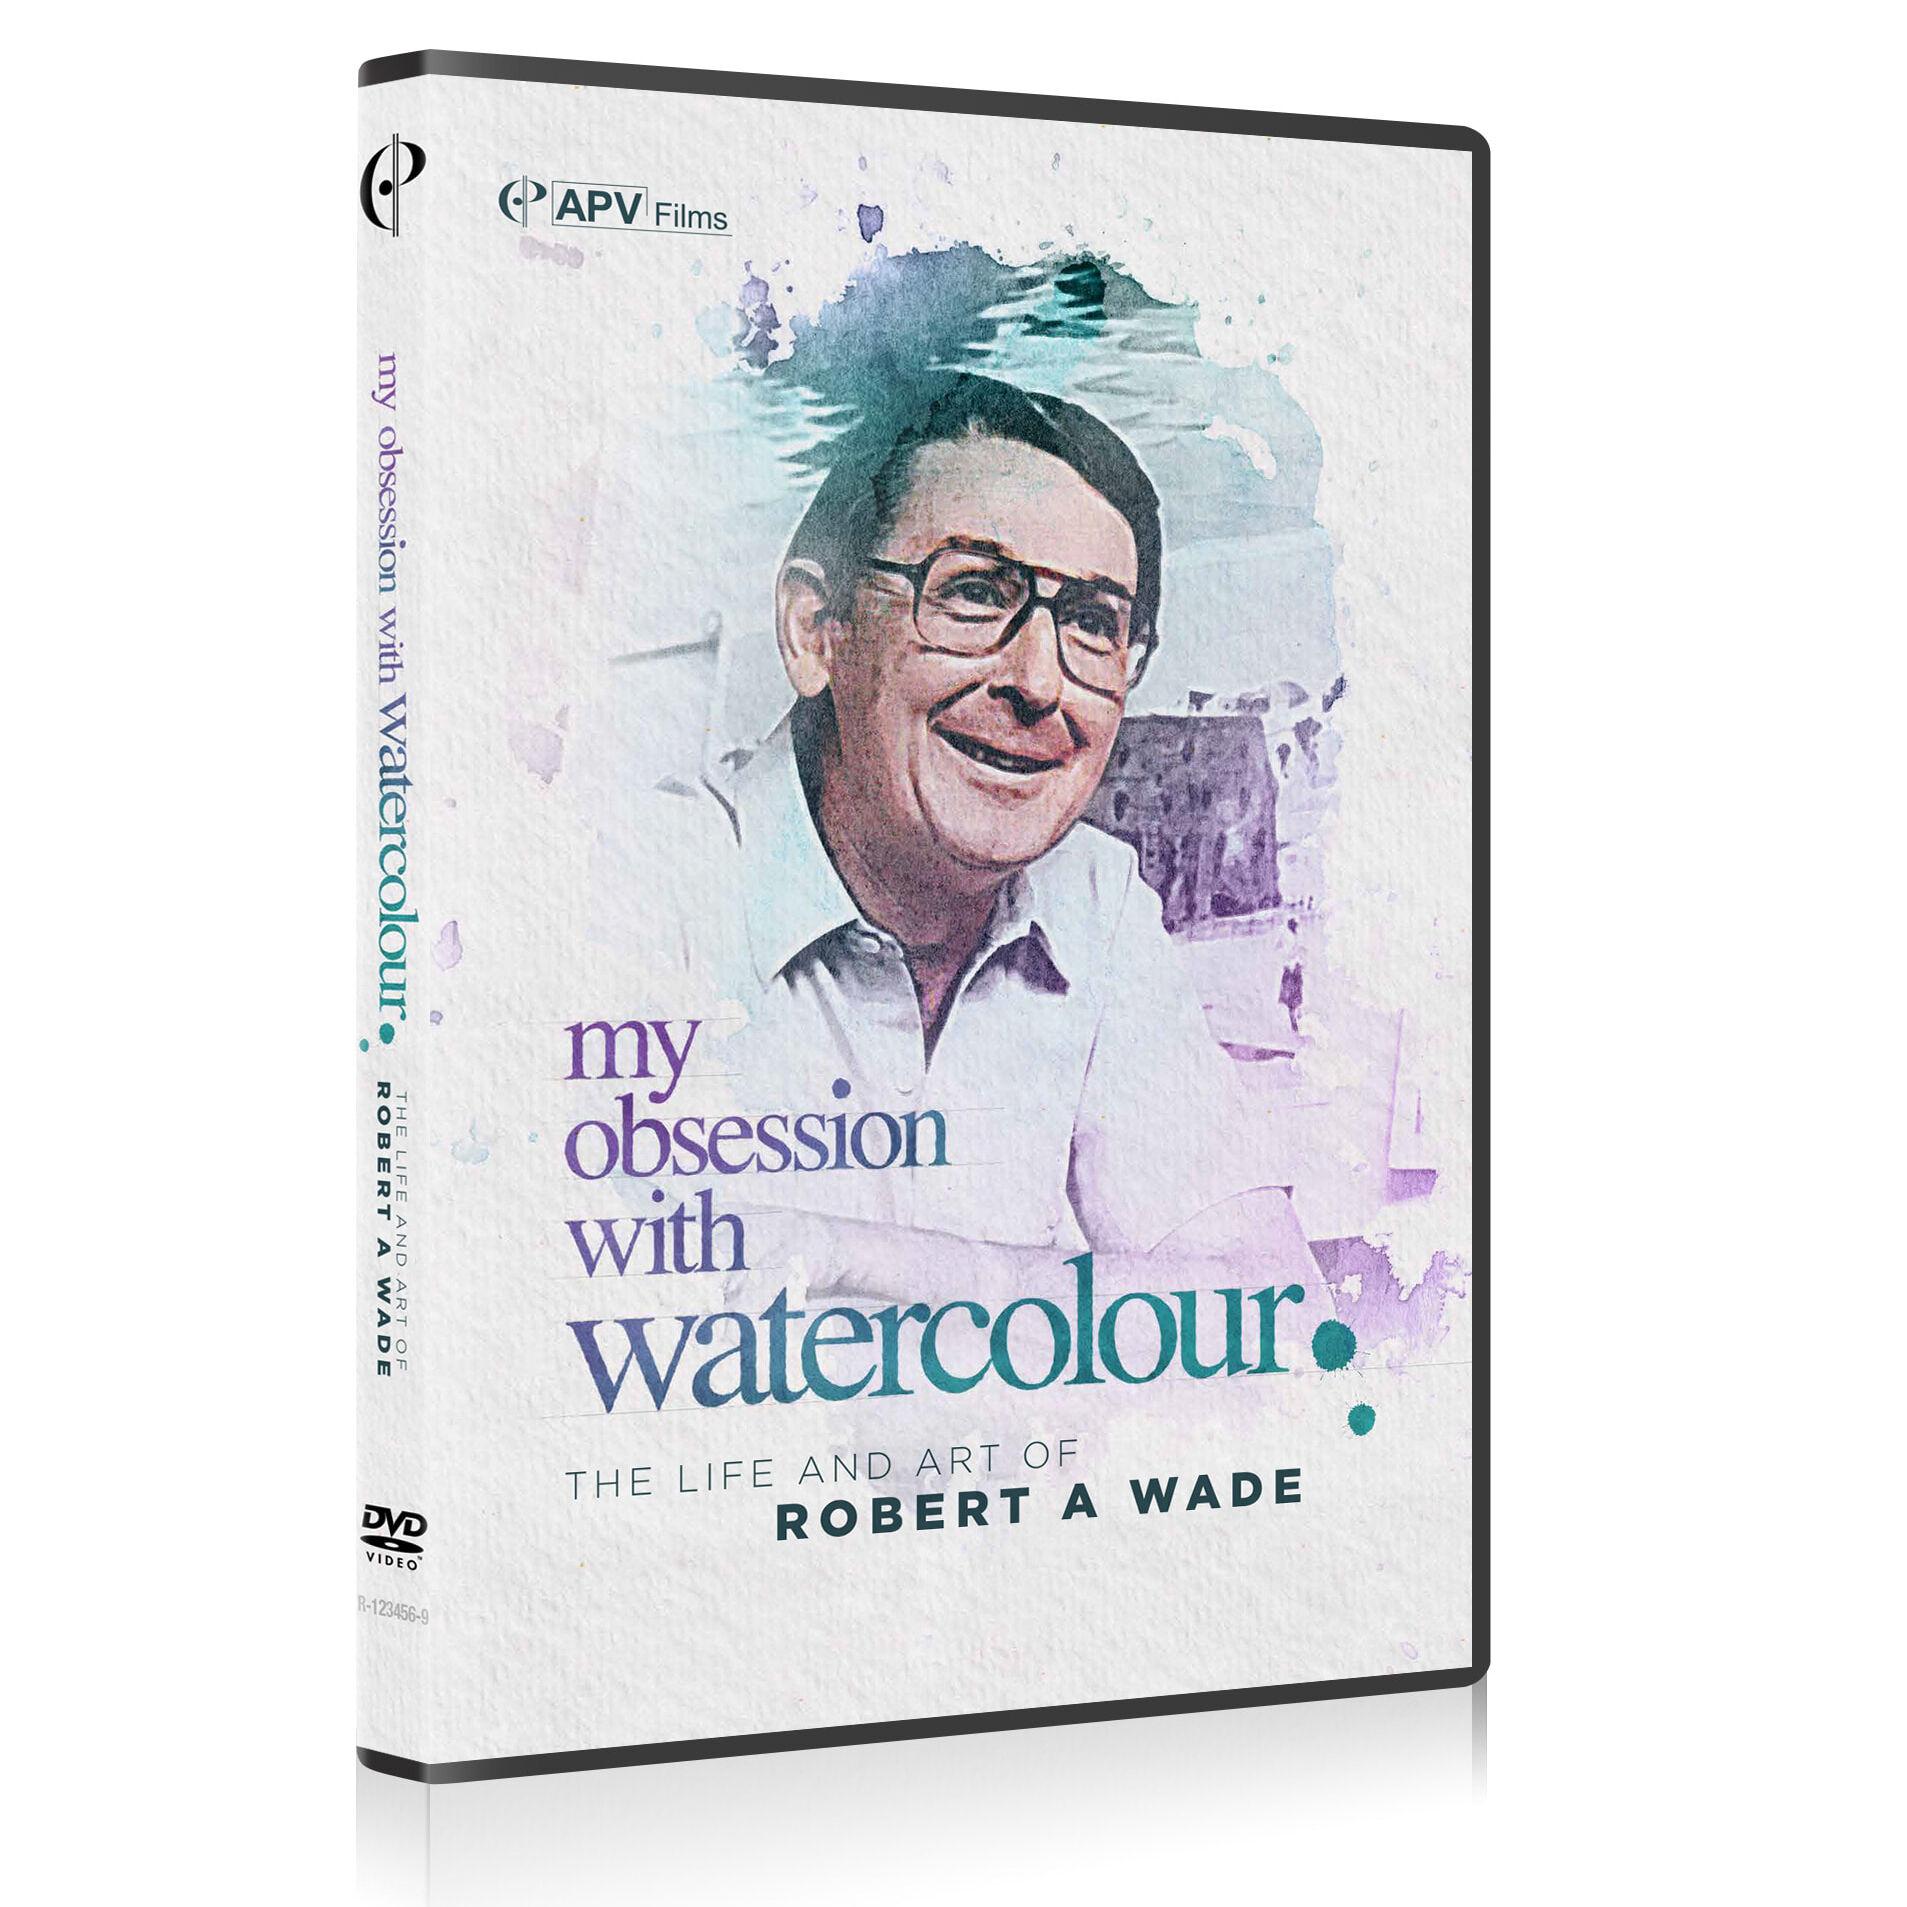 Watercolour DVD image